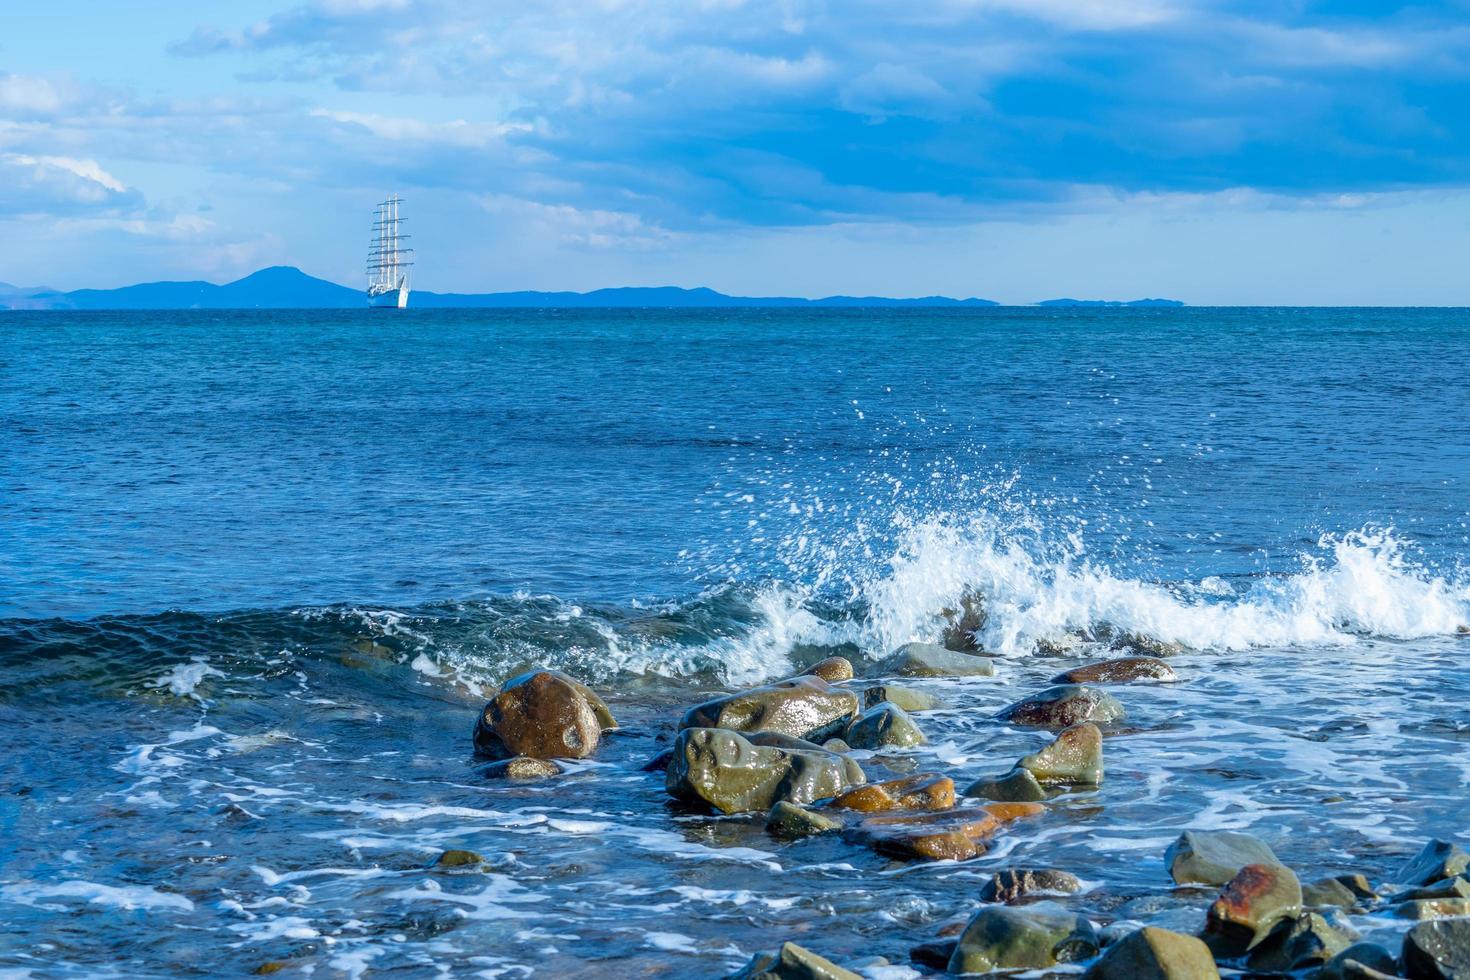 vista sul mare con una bellissima barca a vela all'orizzonte. foto